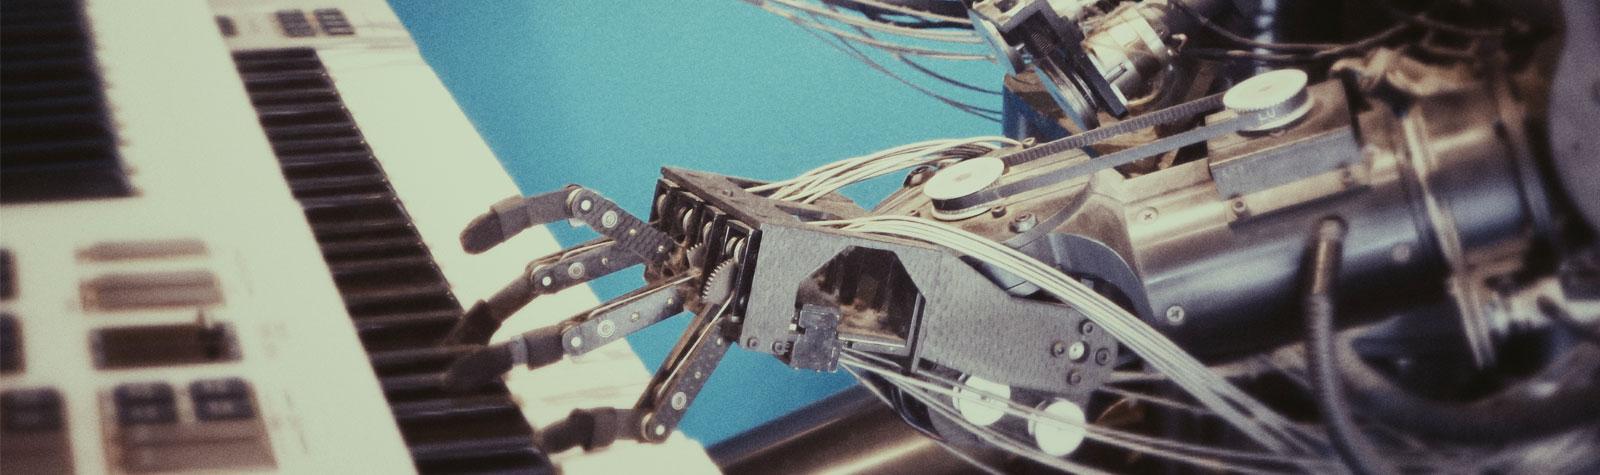 L'intelligence artificielle s'installe dans nos vies, l'avez-vous remarqué?  #IA 2/2